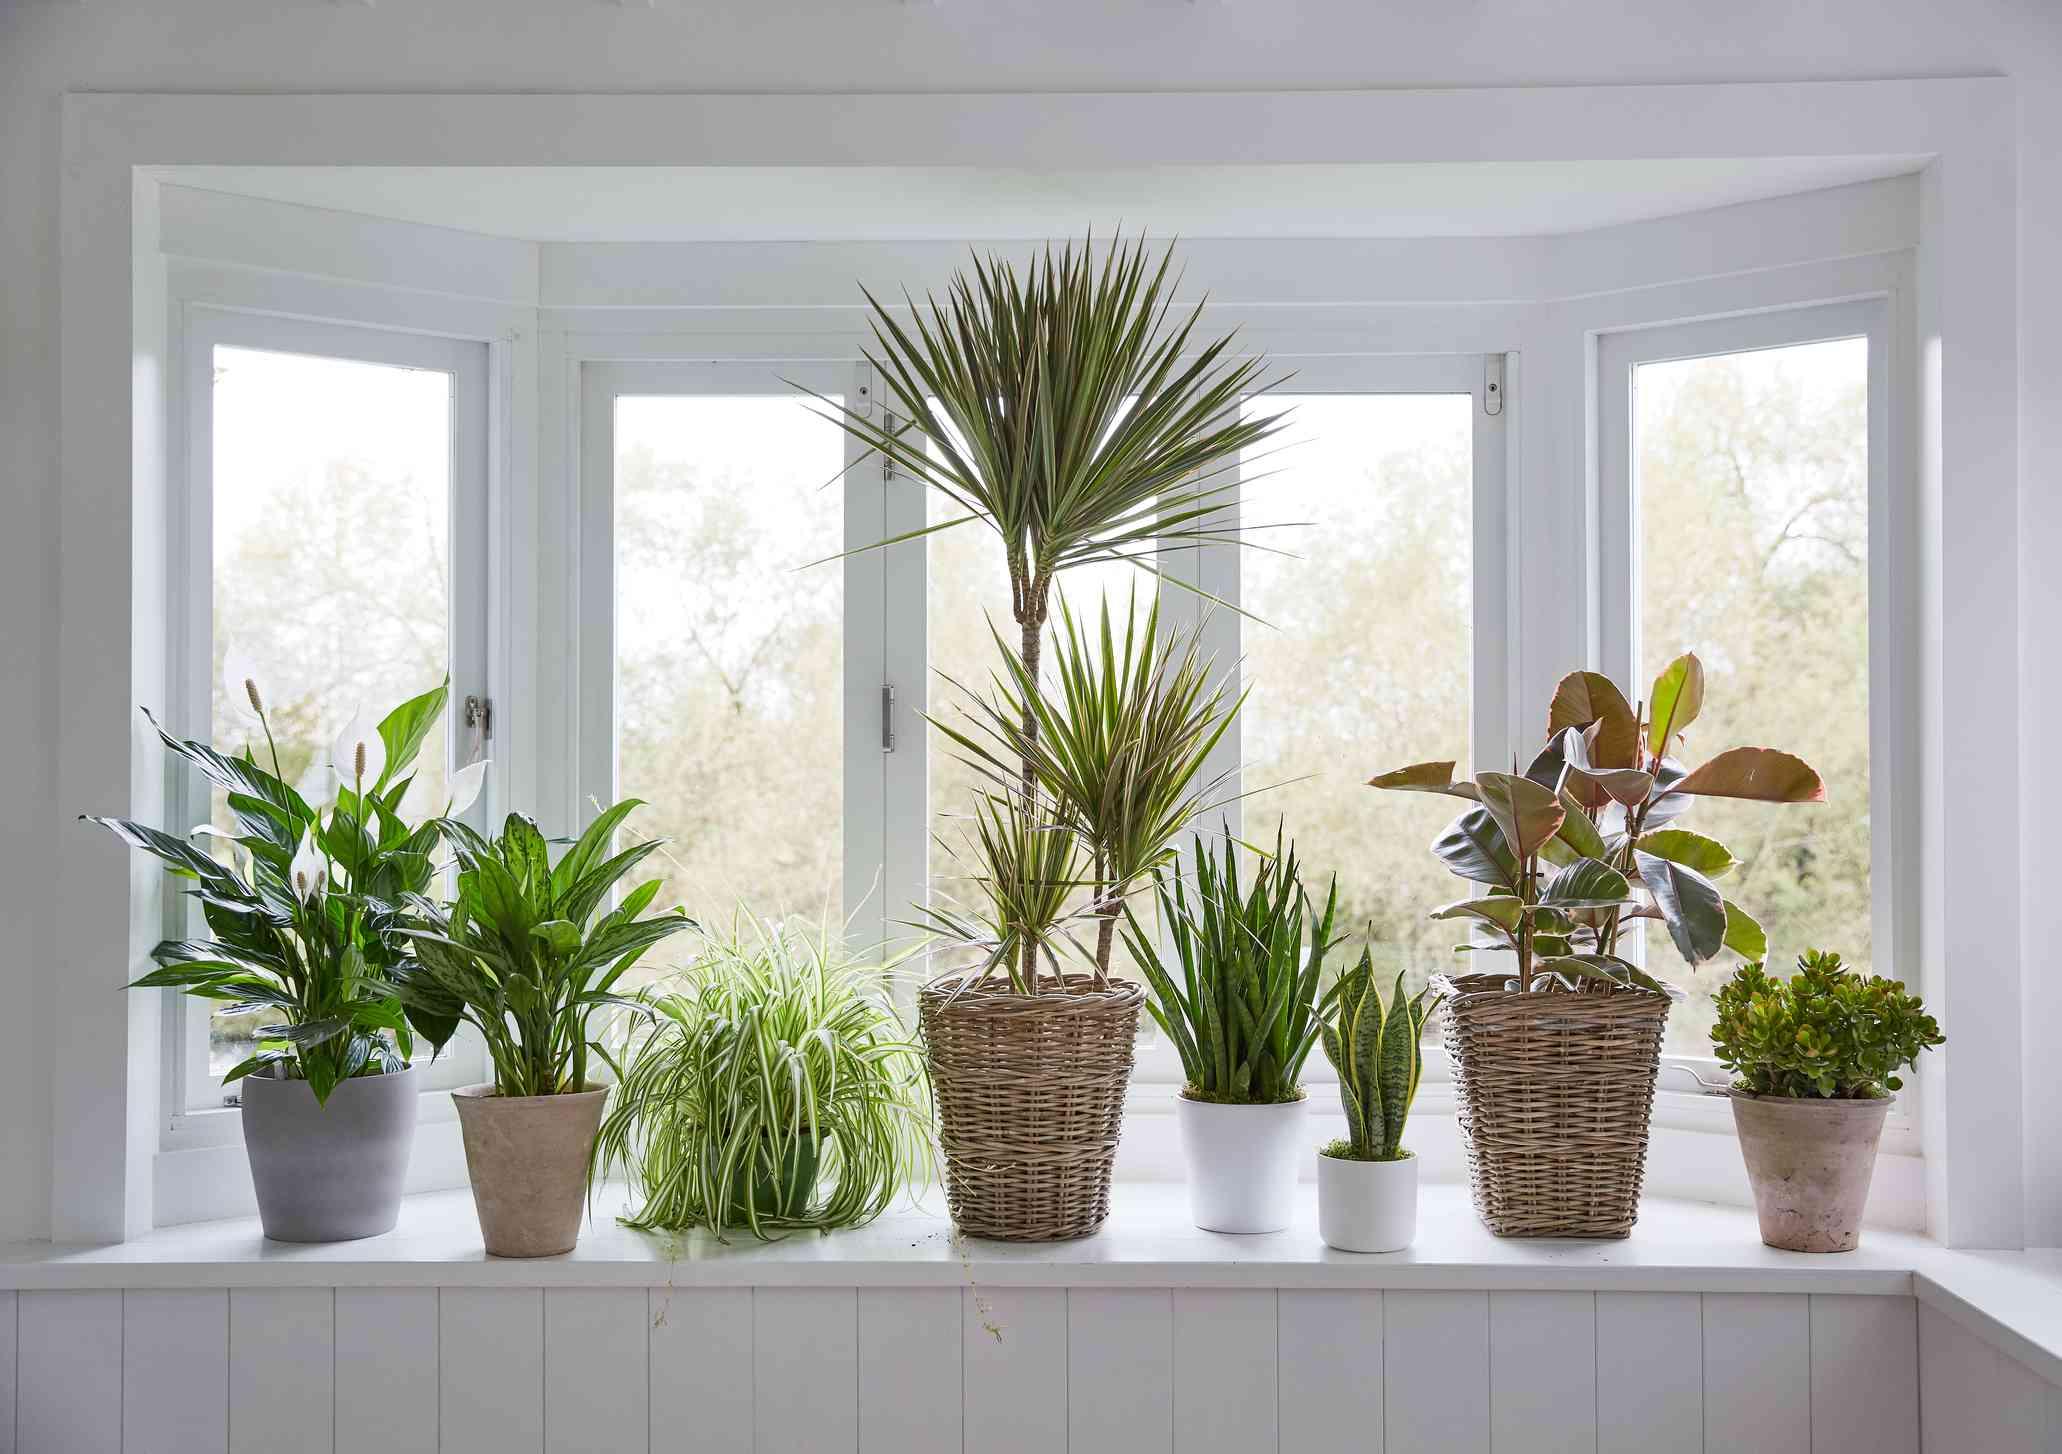 houseplants in pots on white windowsill in front of bay window